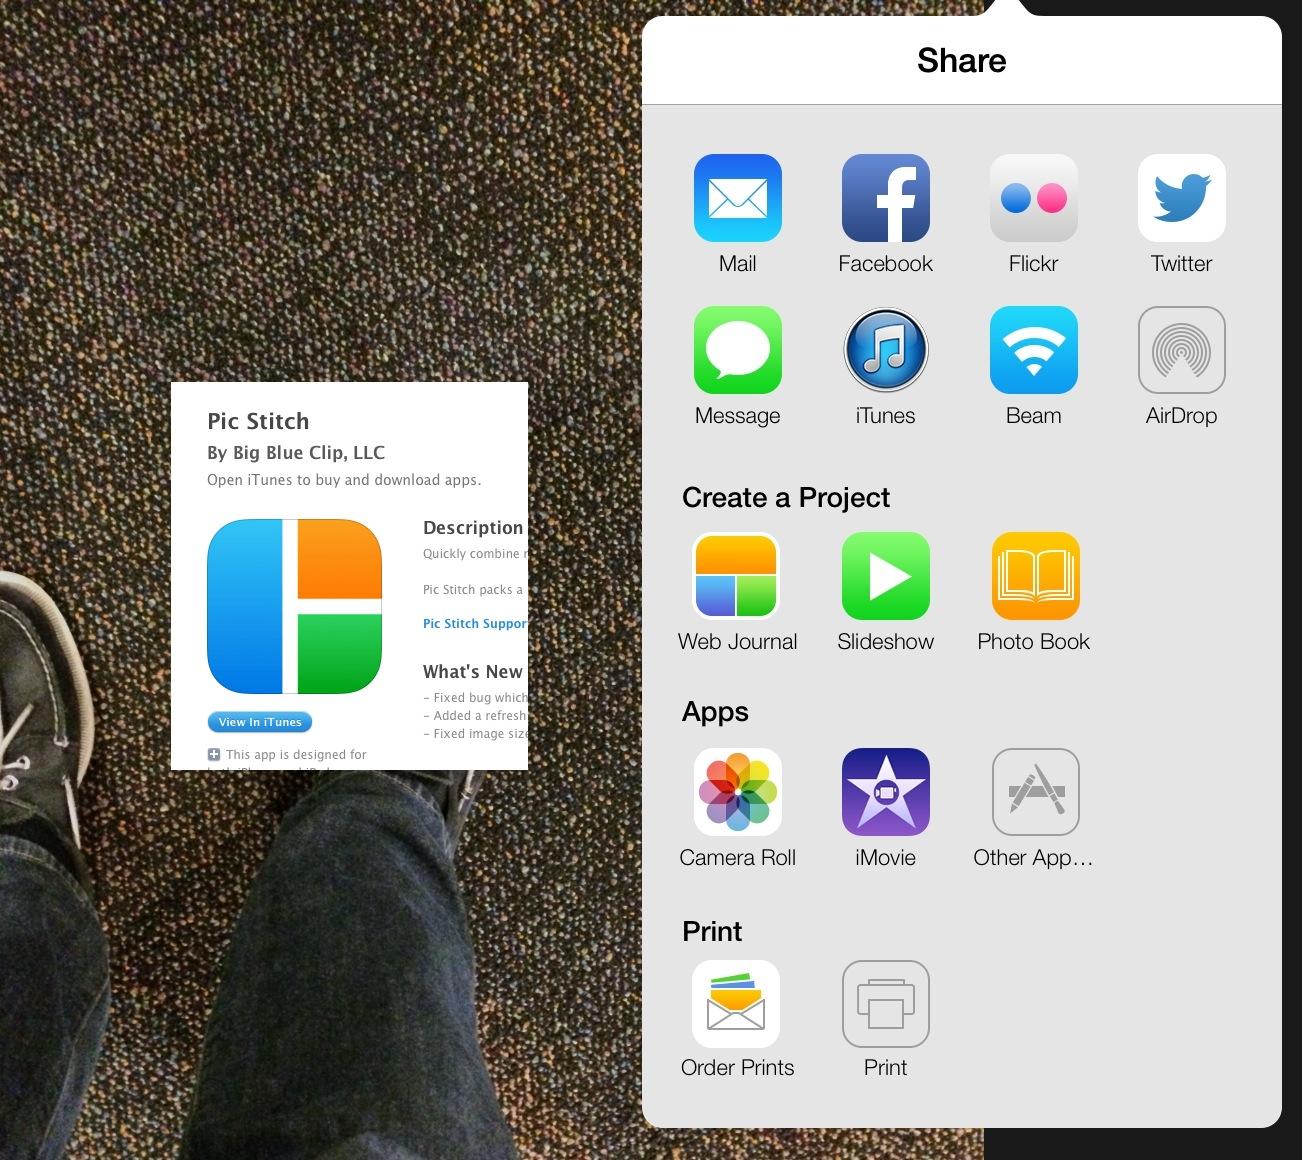 MacOS - Photos - Apple